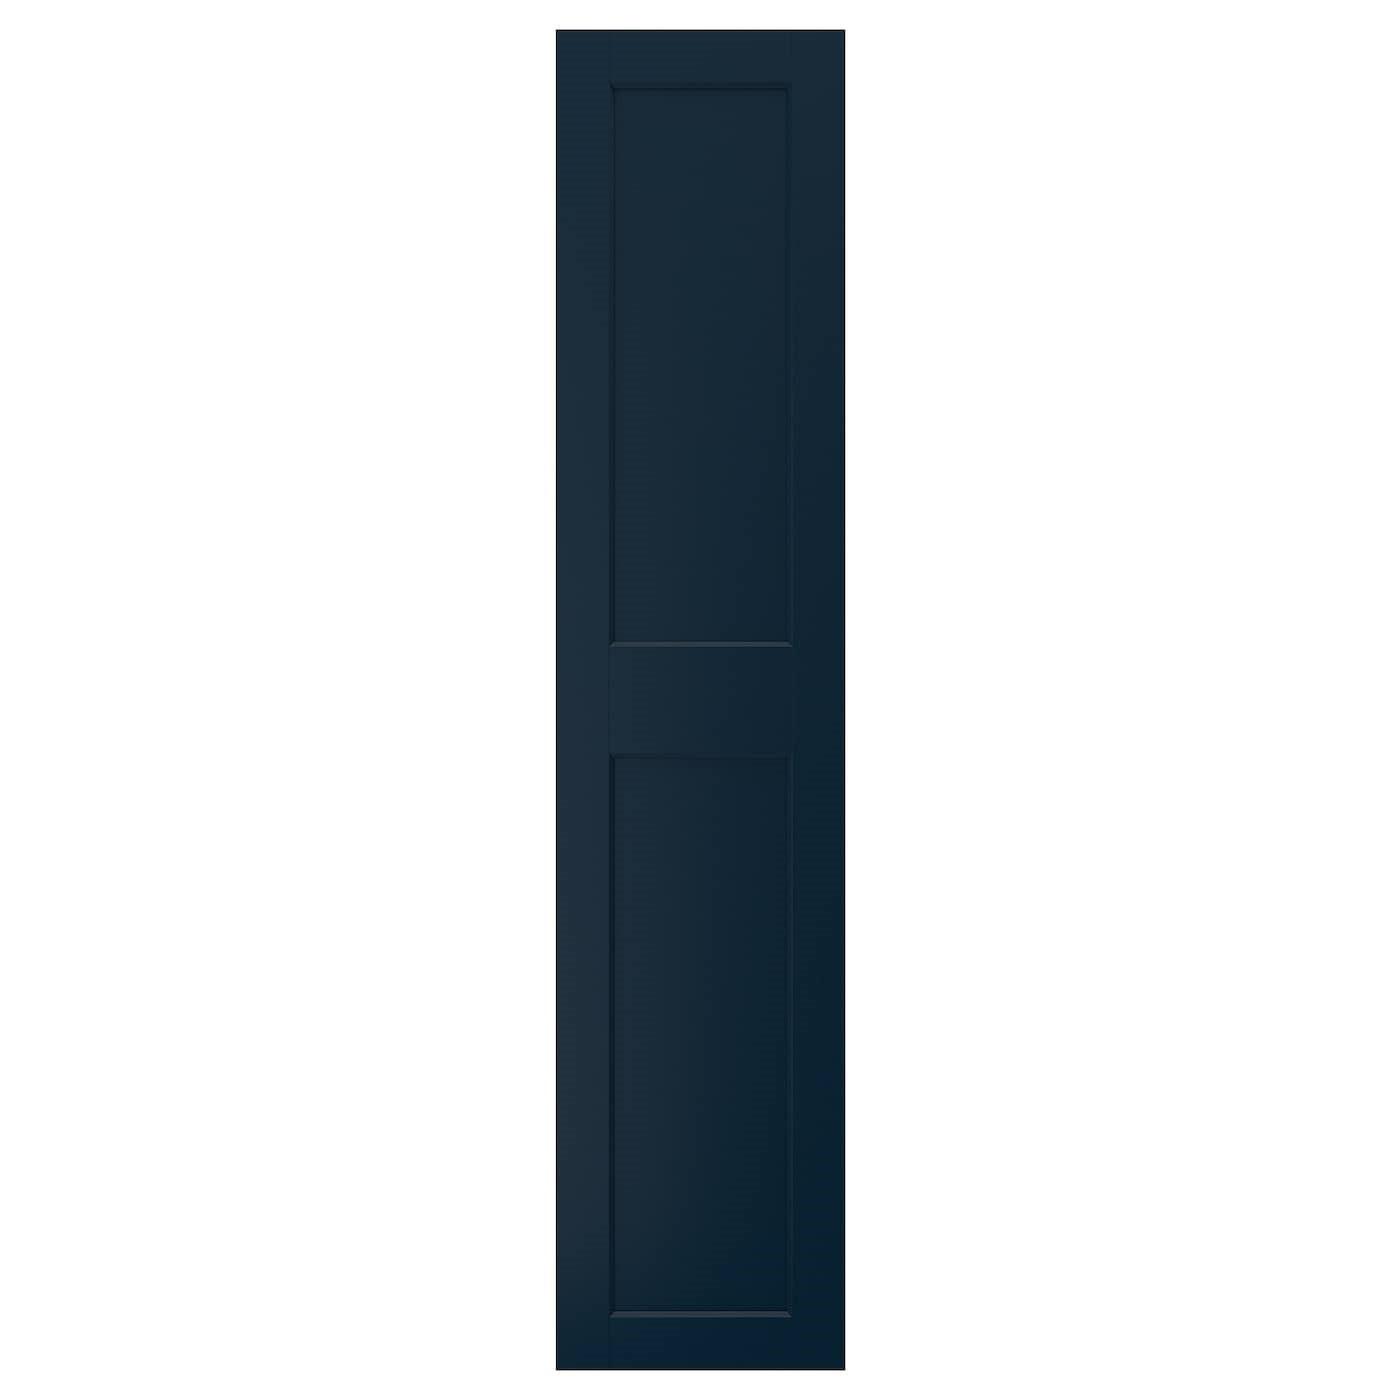 IKEA ГРИМО Дверца с петлями, темно-синий, 50x229 см 29332184